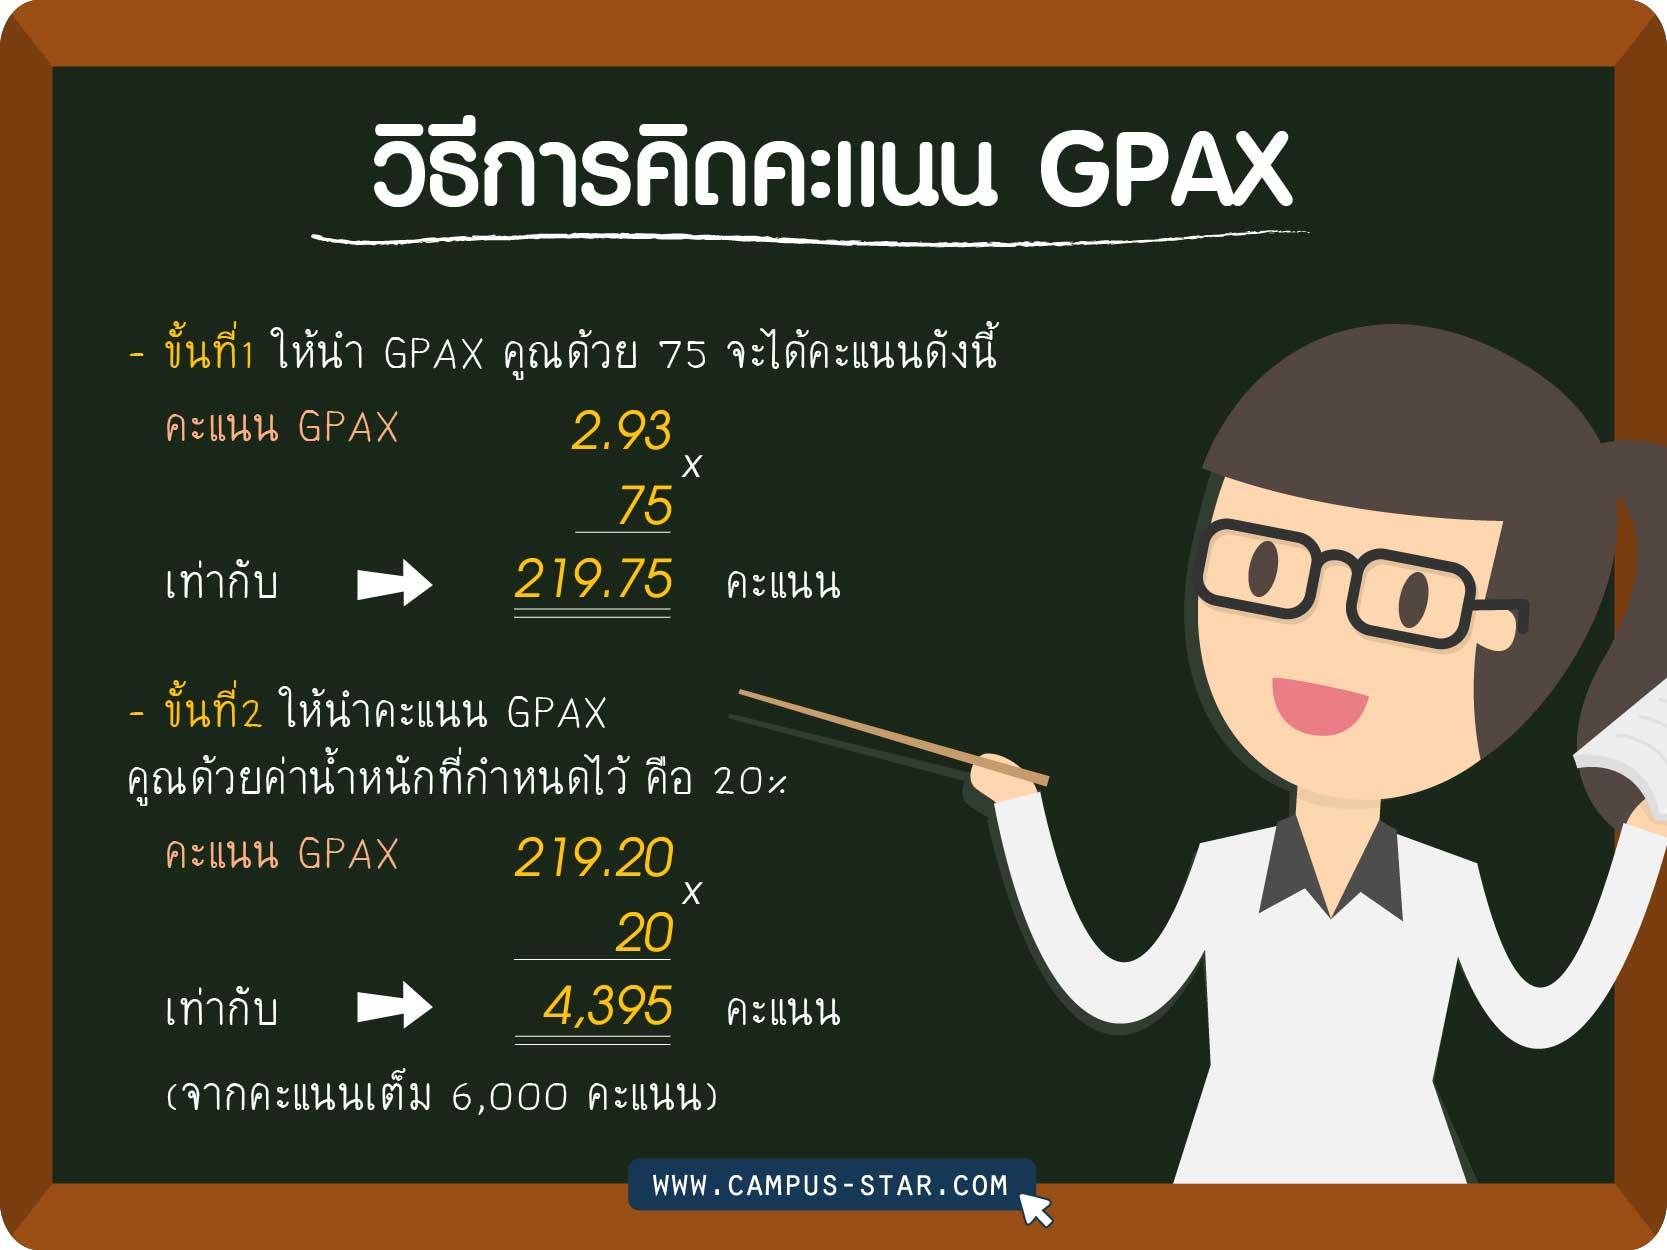 วิธีการคิดคะแนน GPAX